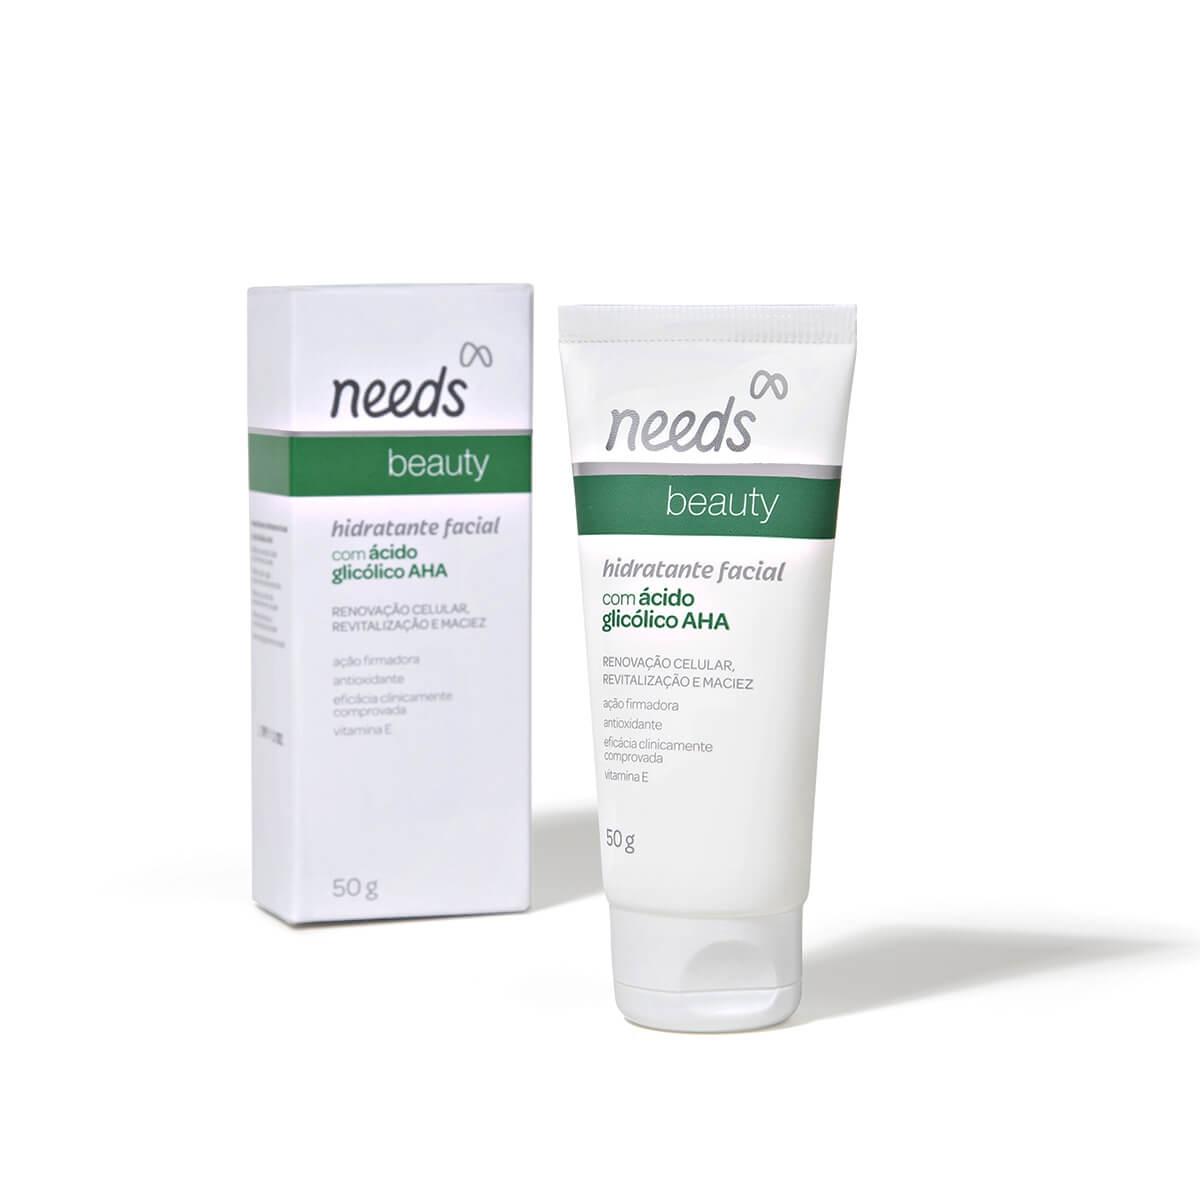 Hidratante Facial Needs Beauty com Ácido Glicólico AHA com 50g 50g